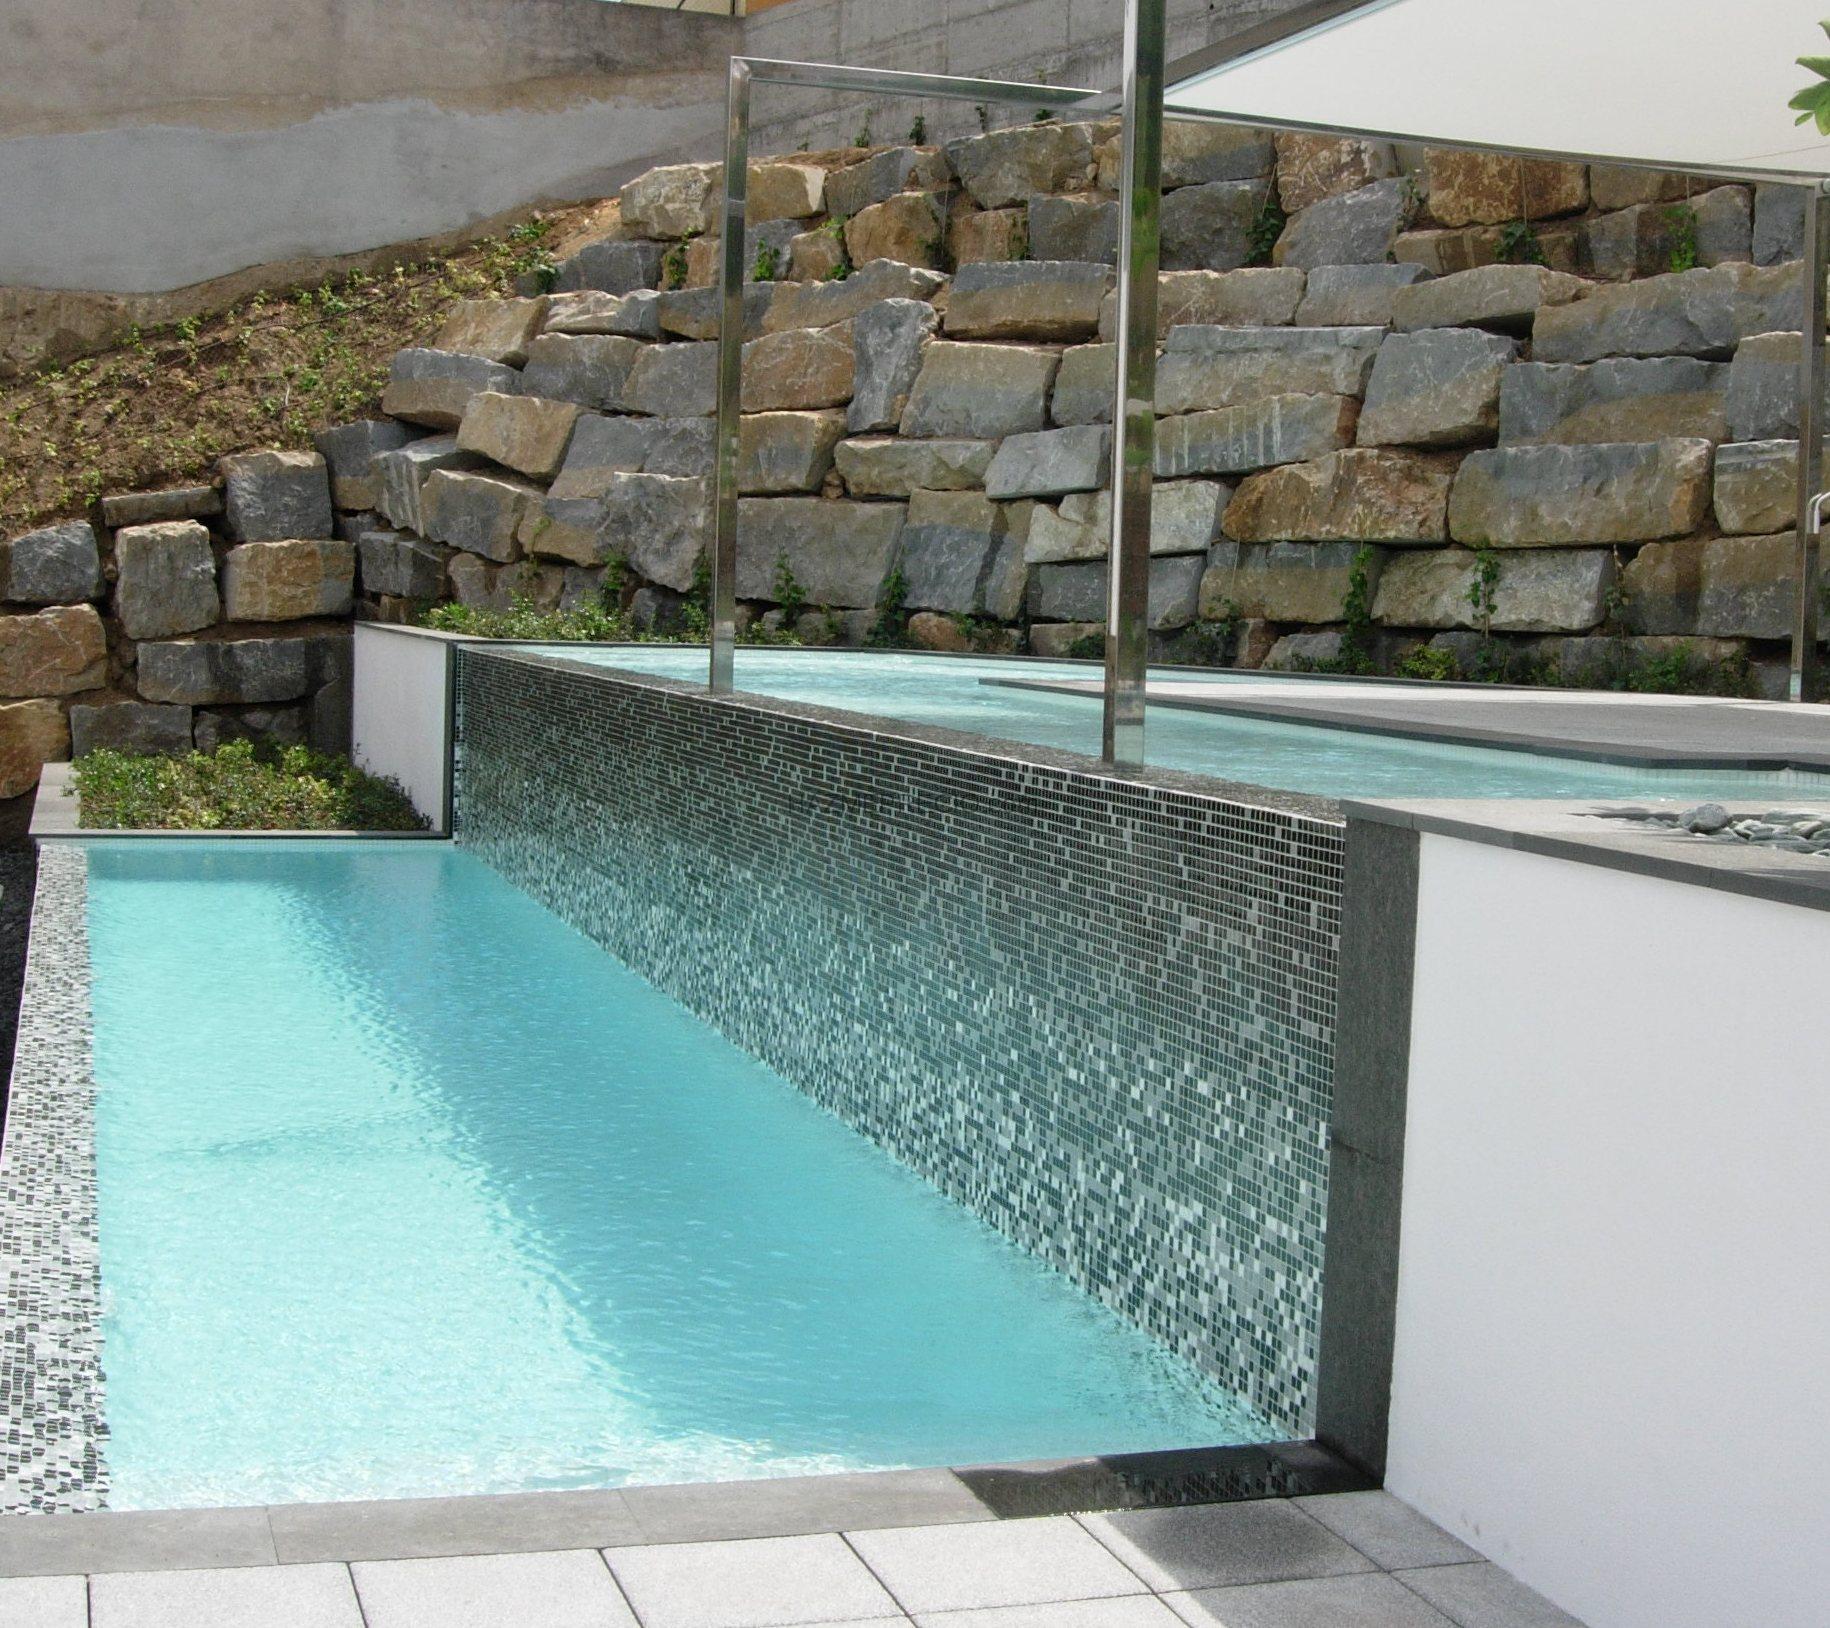 Presupuesto para construir una piscina en terreno - Presupuestos para piscinas ...